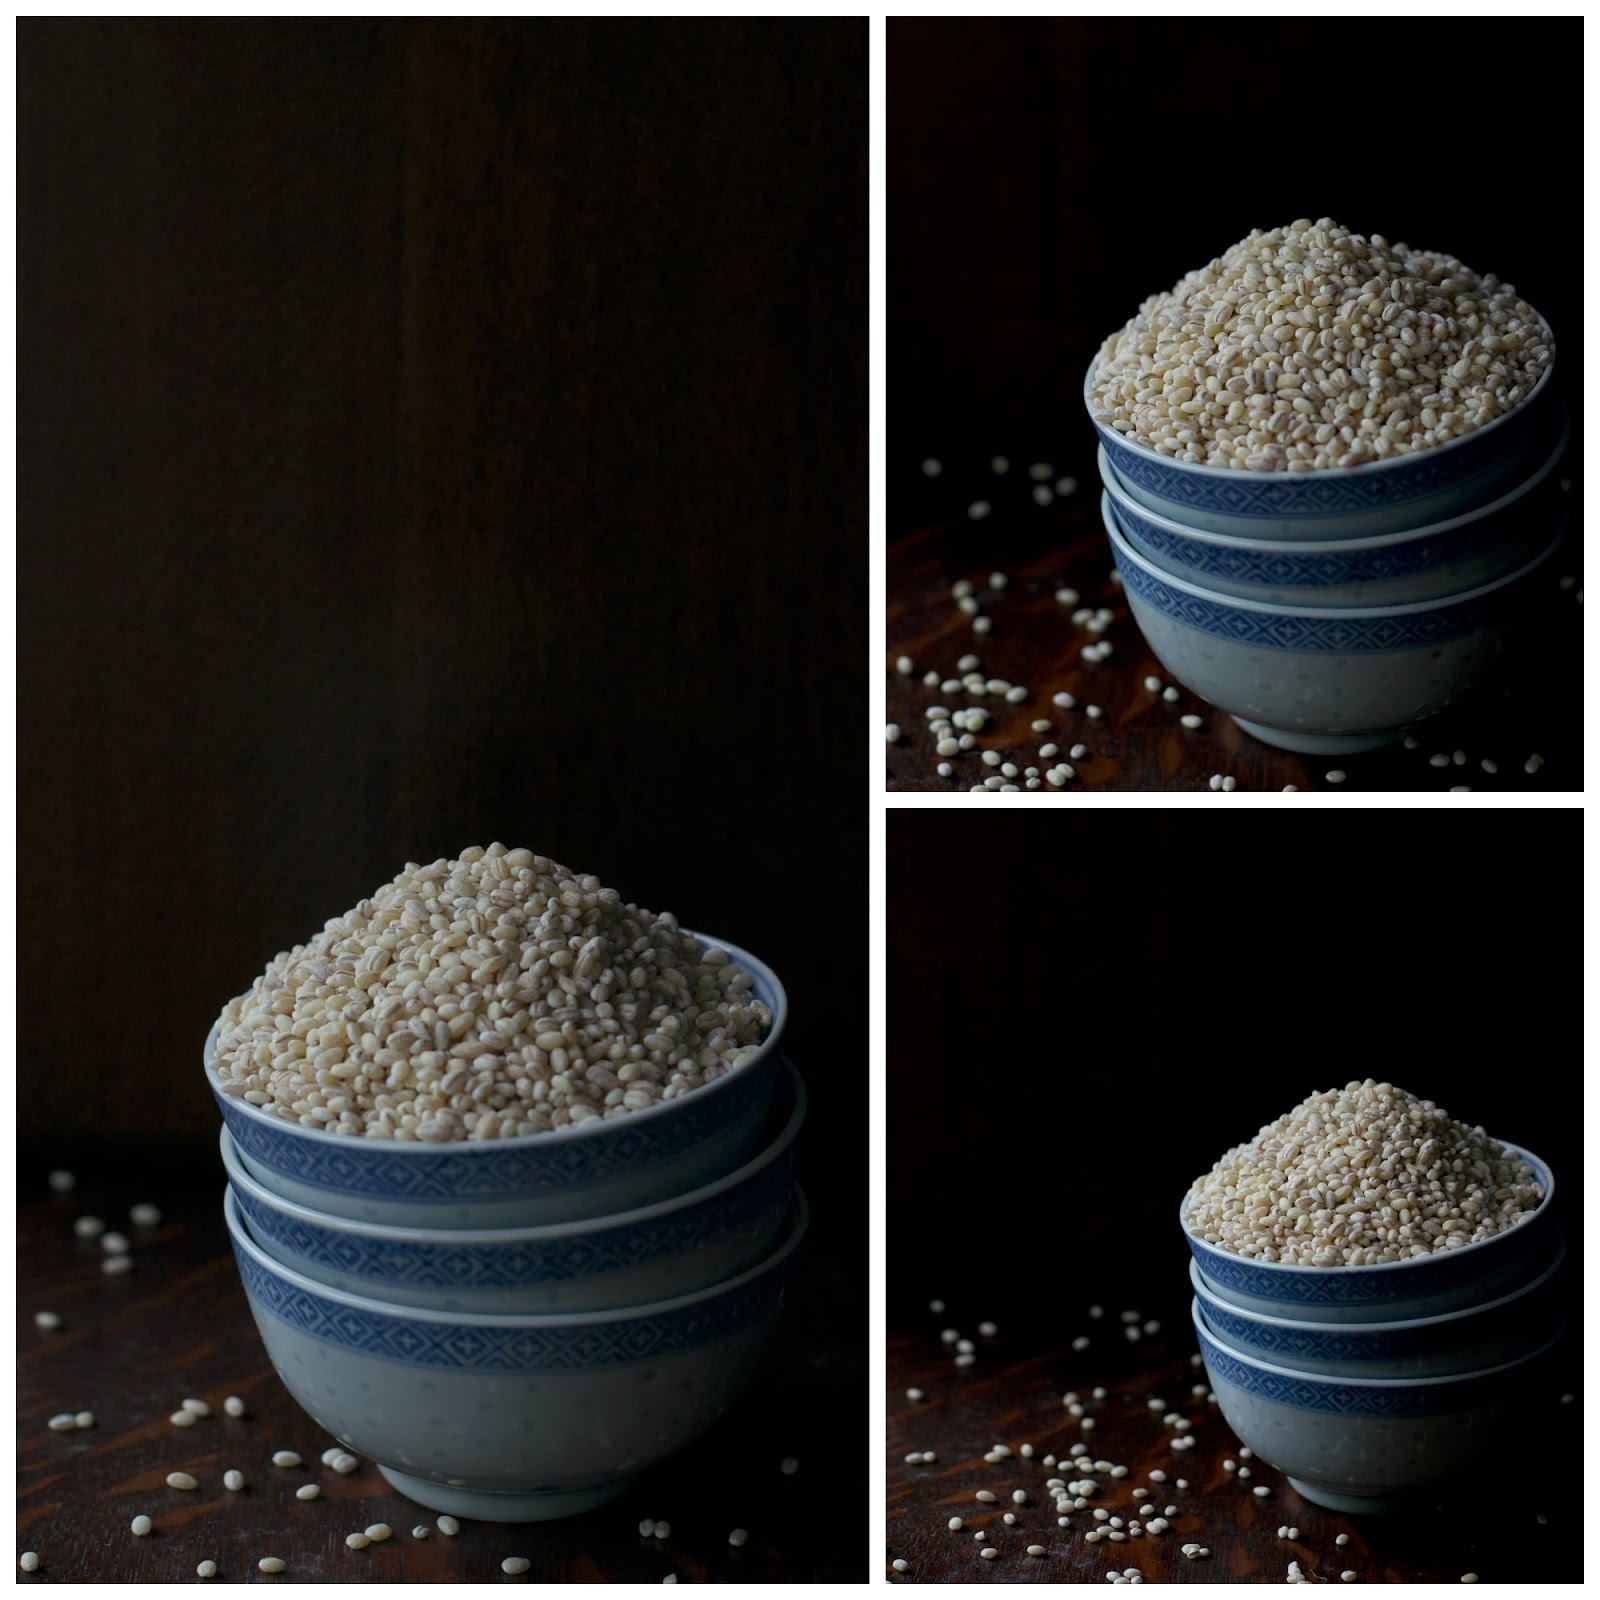 Indo Nesian Tradisi Onal Medicine Suruhan Obat: Indonesian Medan Food: Air Jali Dan Jeruk Nipis (Lime And